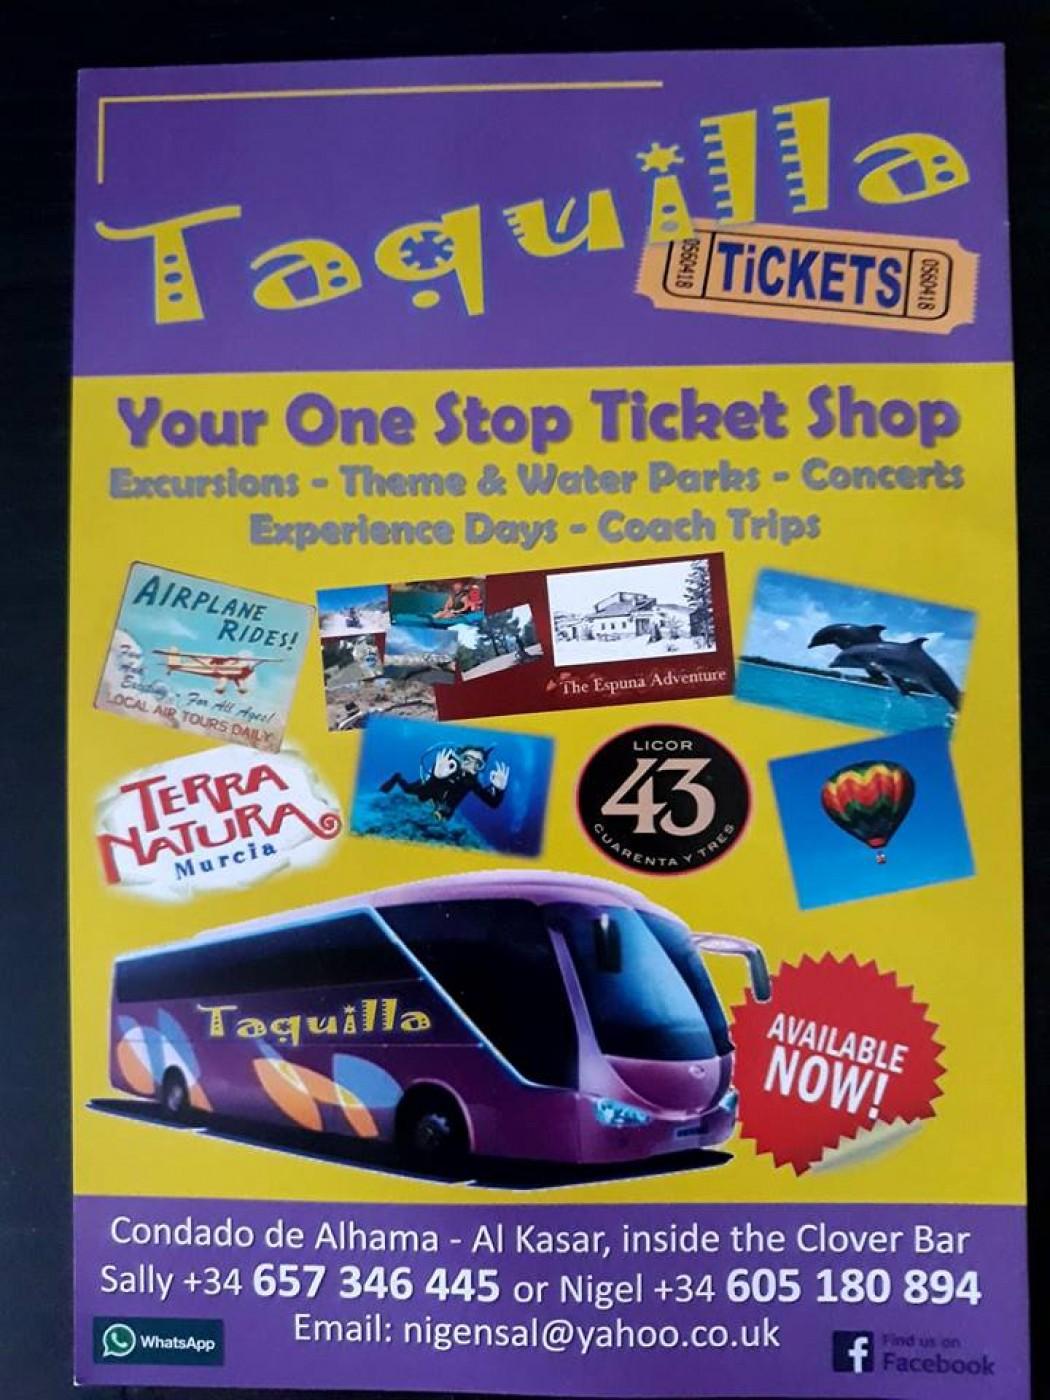 Taquilla Tickets